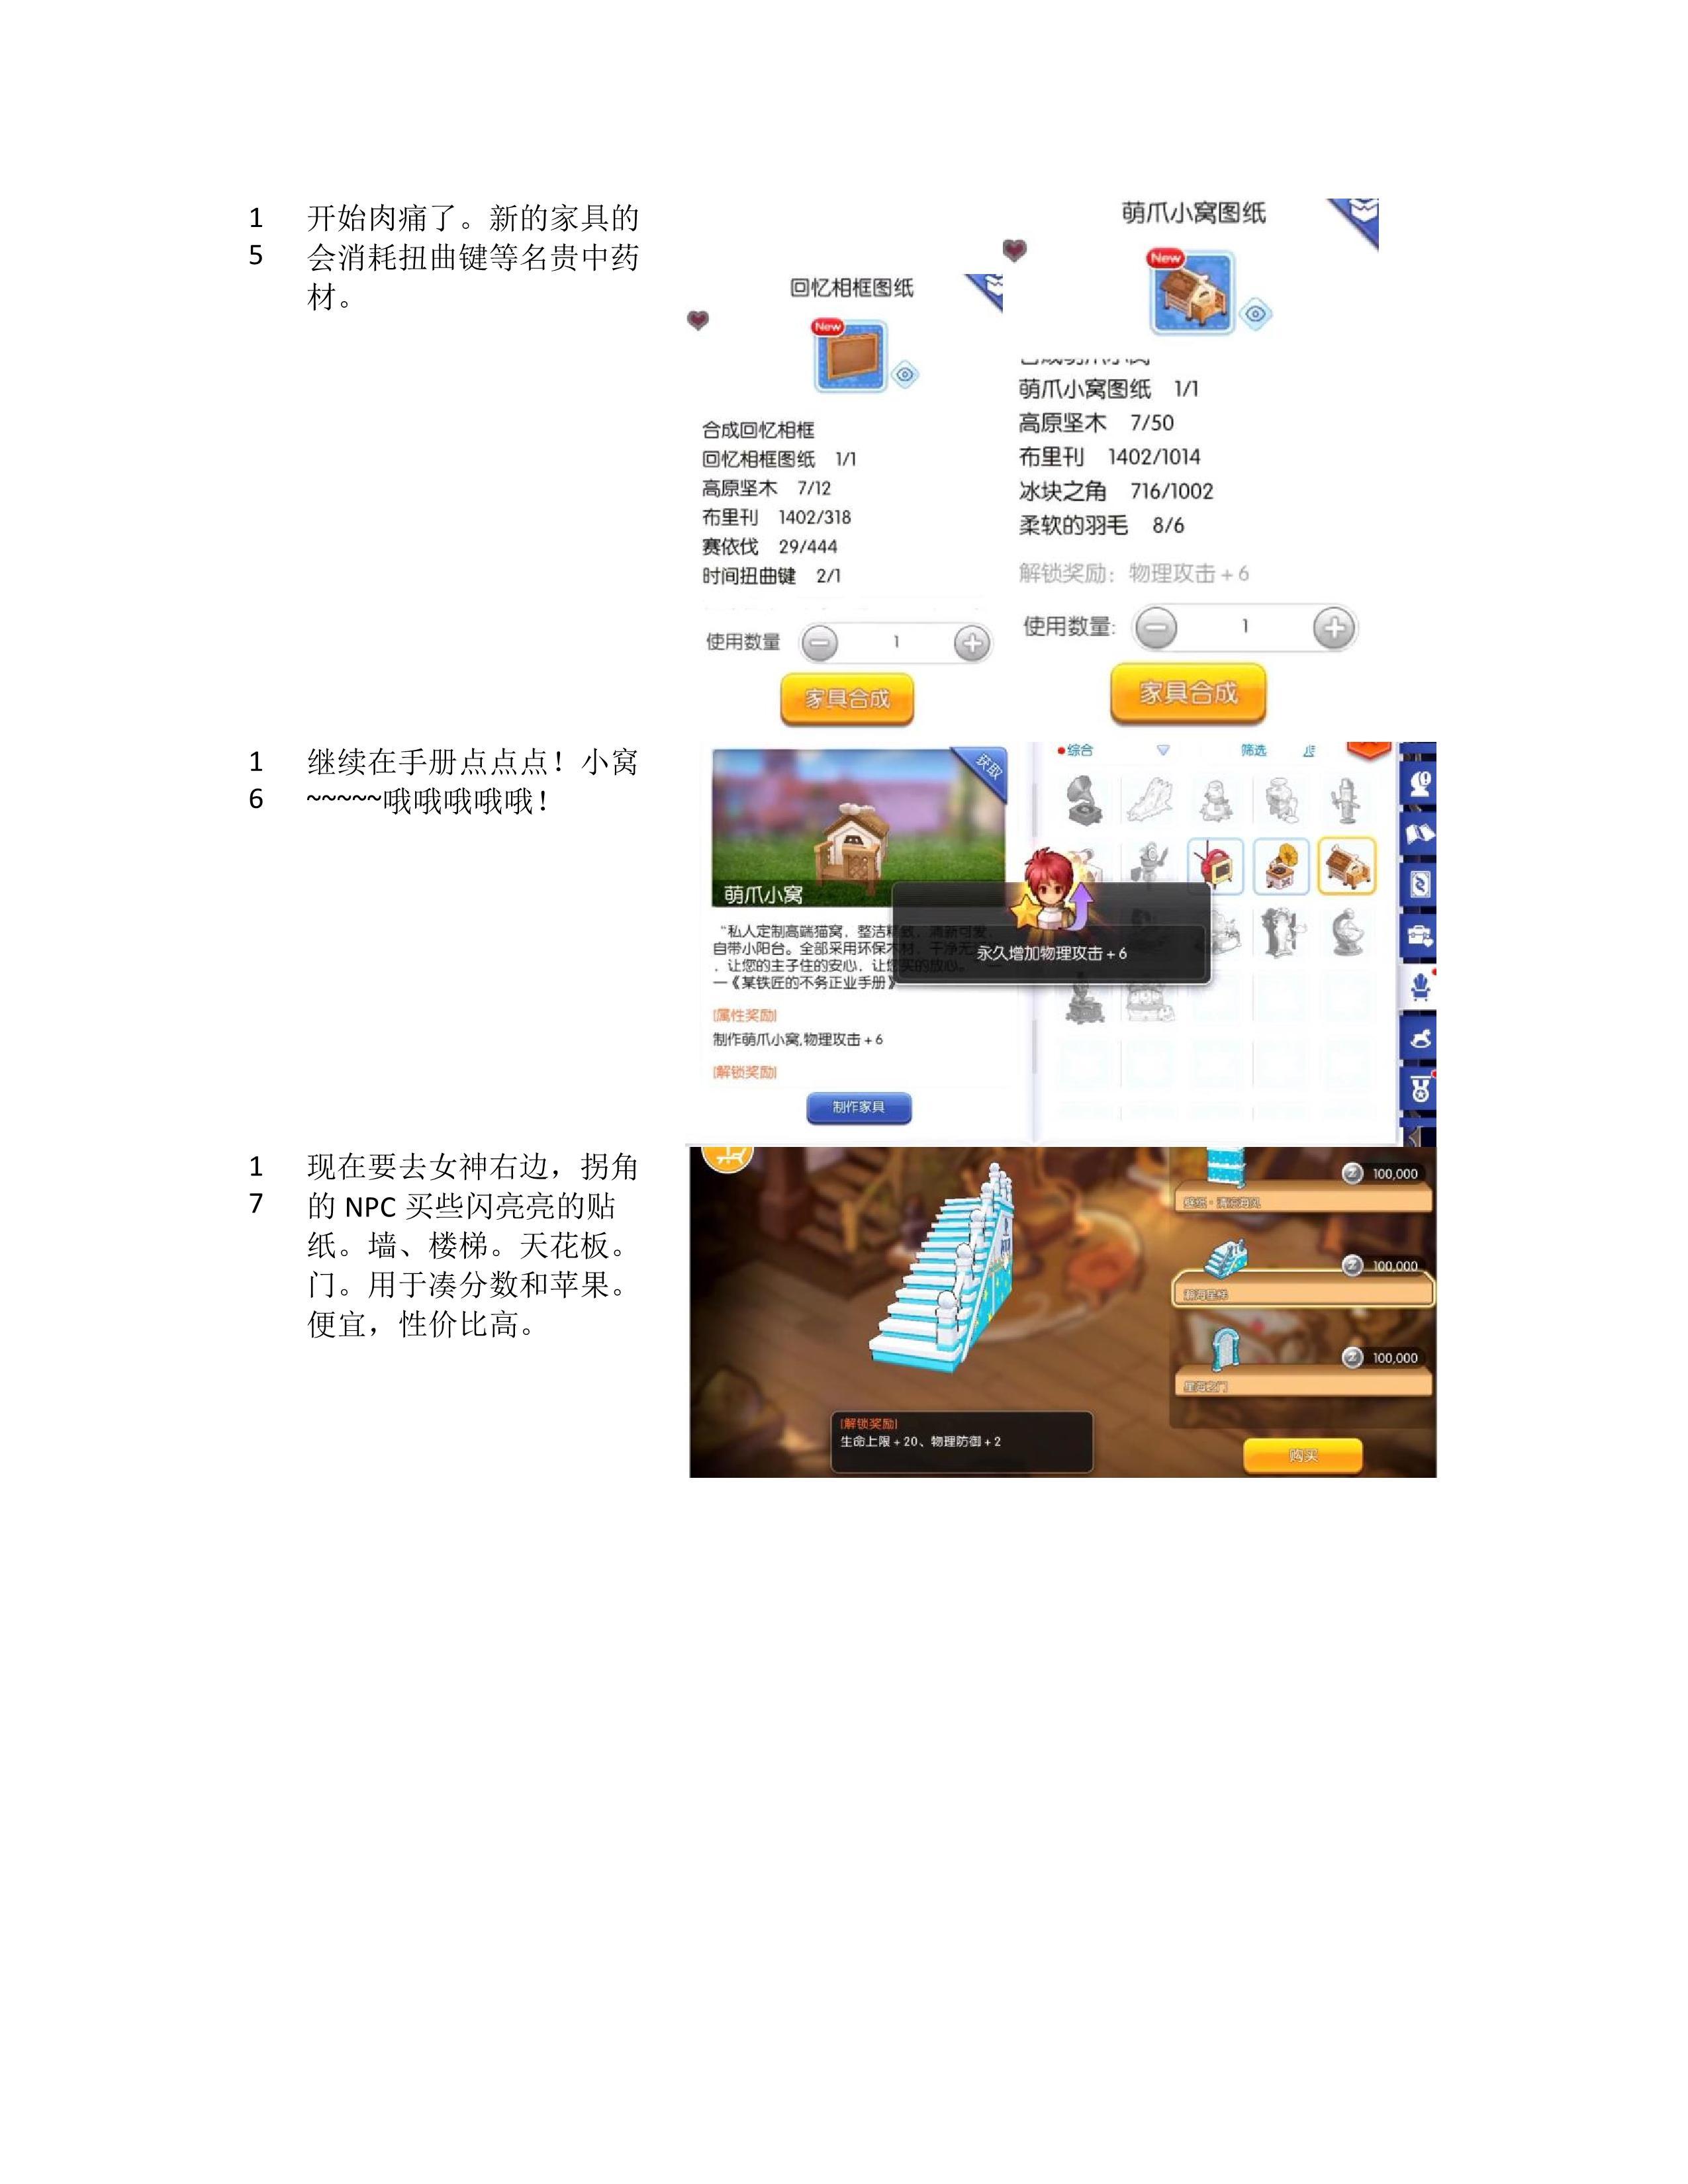 ro_9.jpg